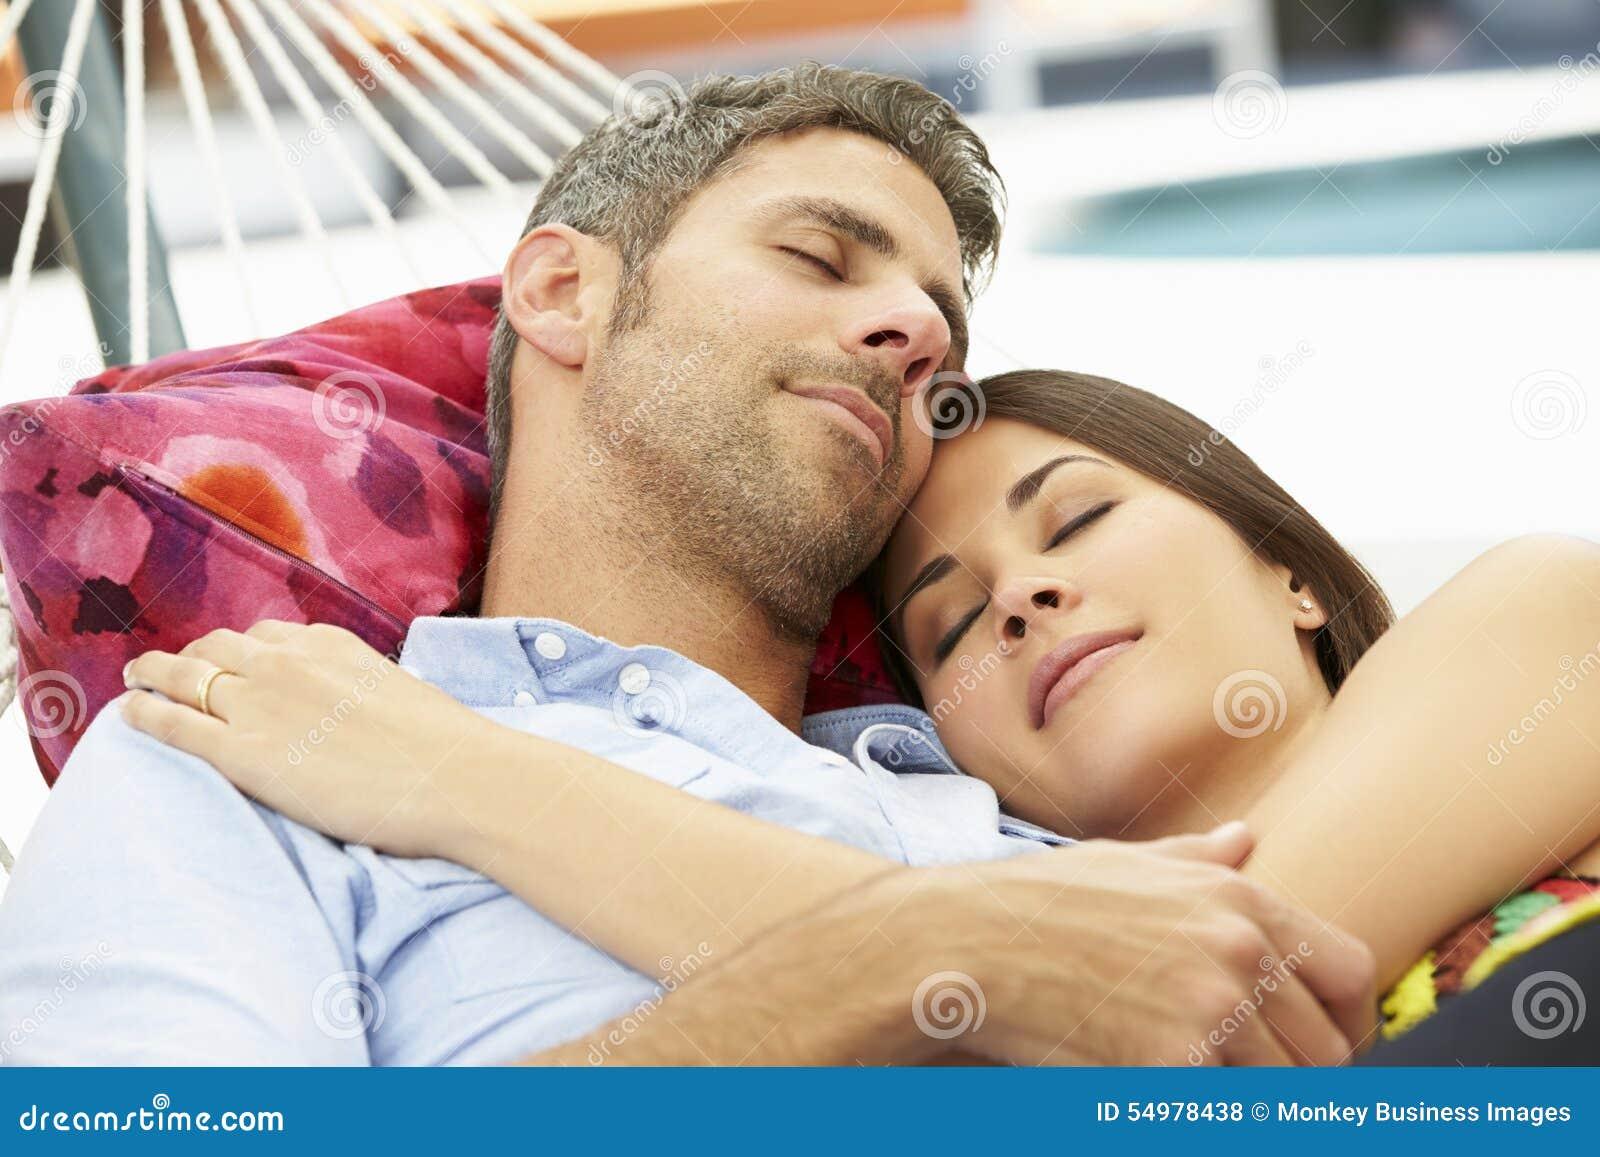 Romantiska par sovande i trädgårds- hängmatta tillsammans